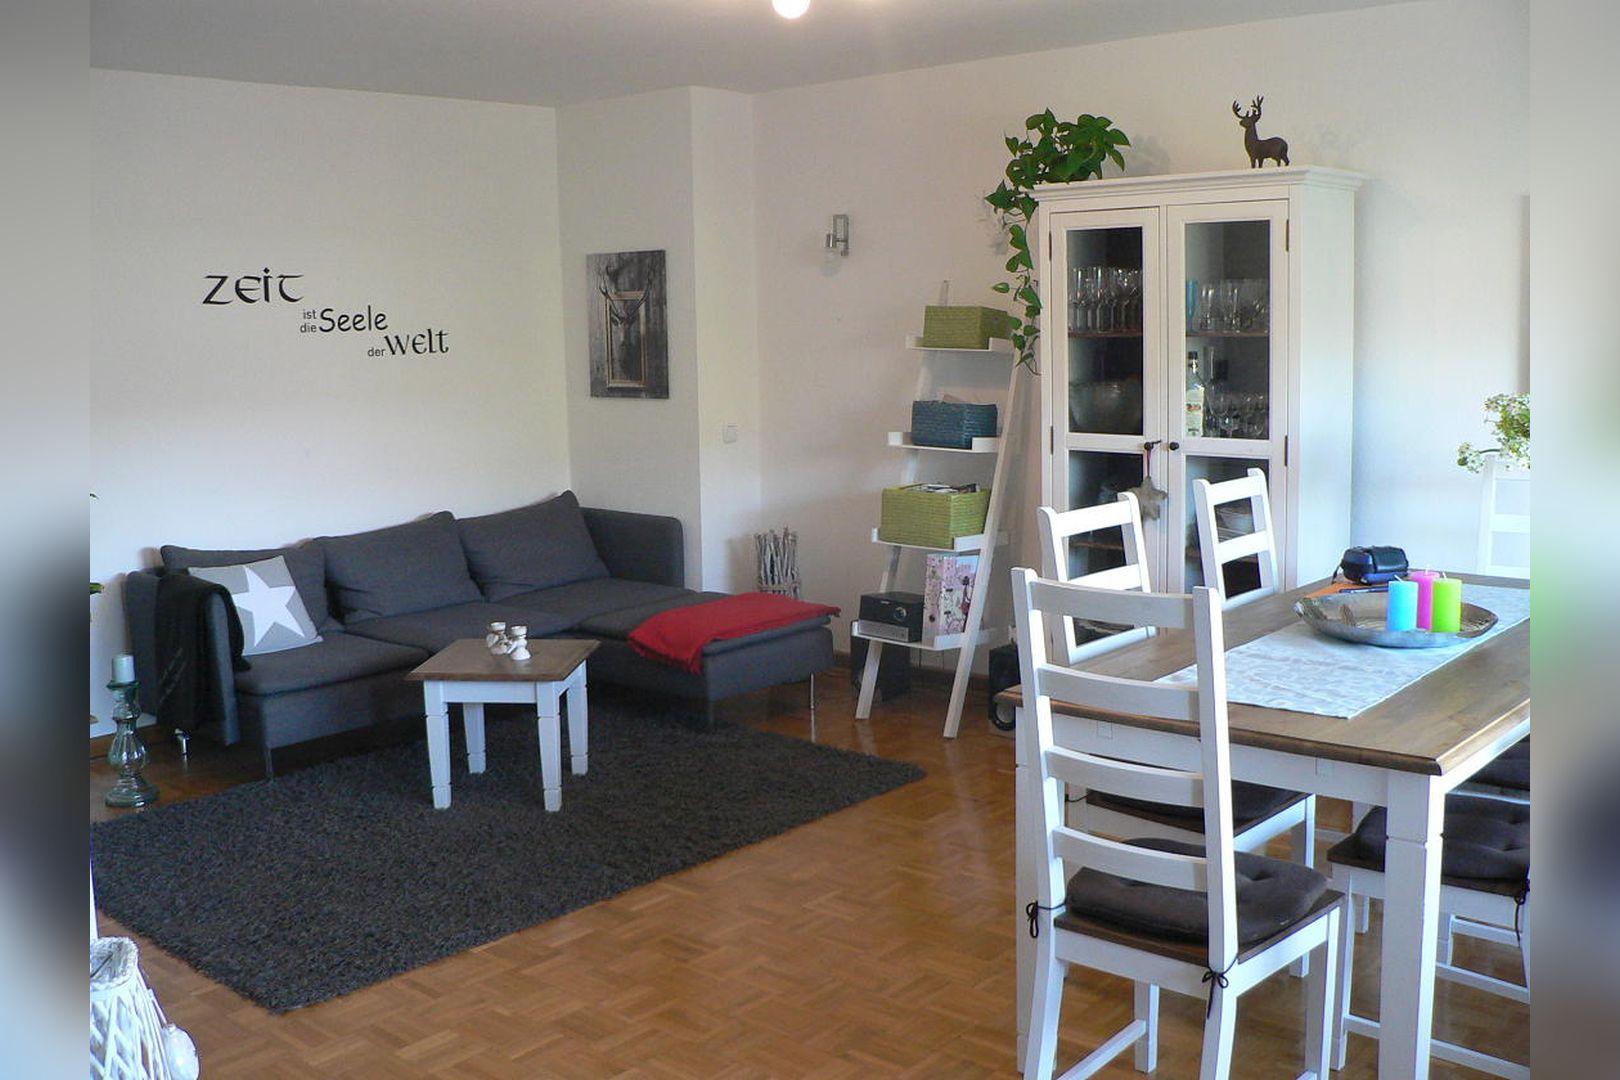 Immobilie Nr.305 - 2,5-Zimmer-Wohnung mit Balkon in 4-Part.-Haus - Bild 3.jpg